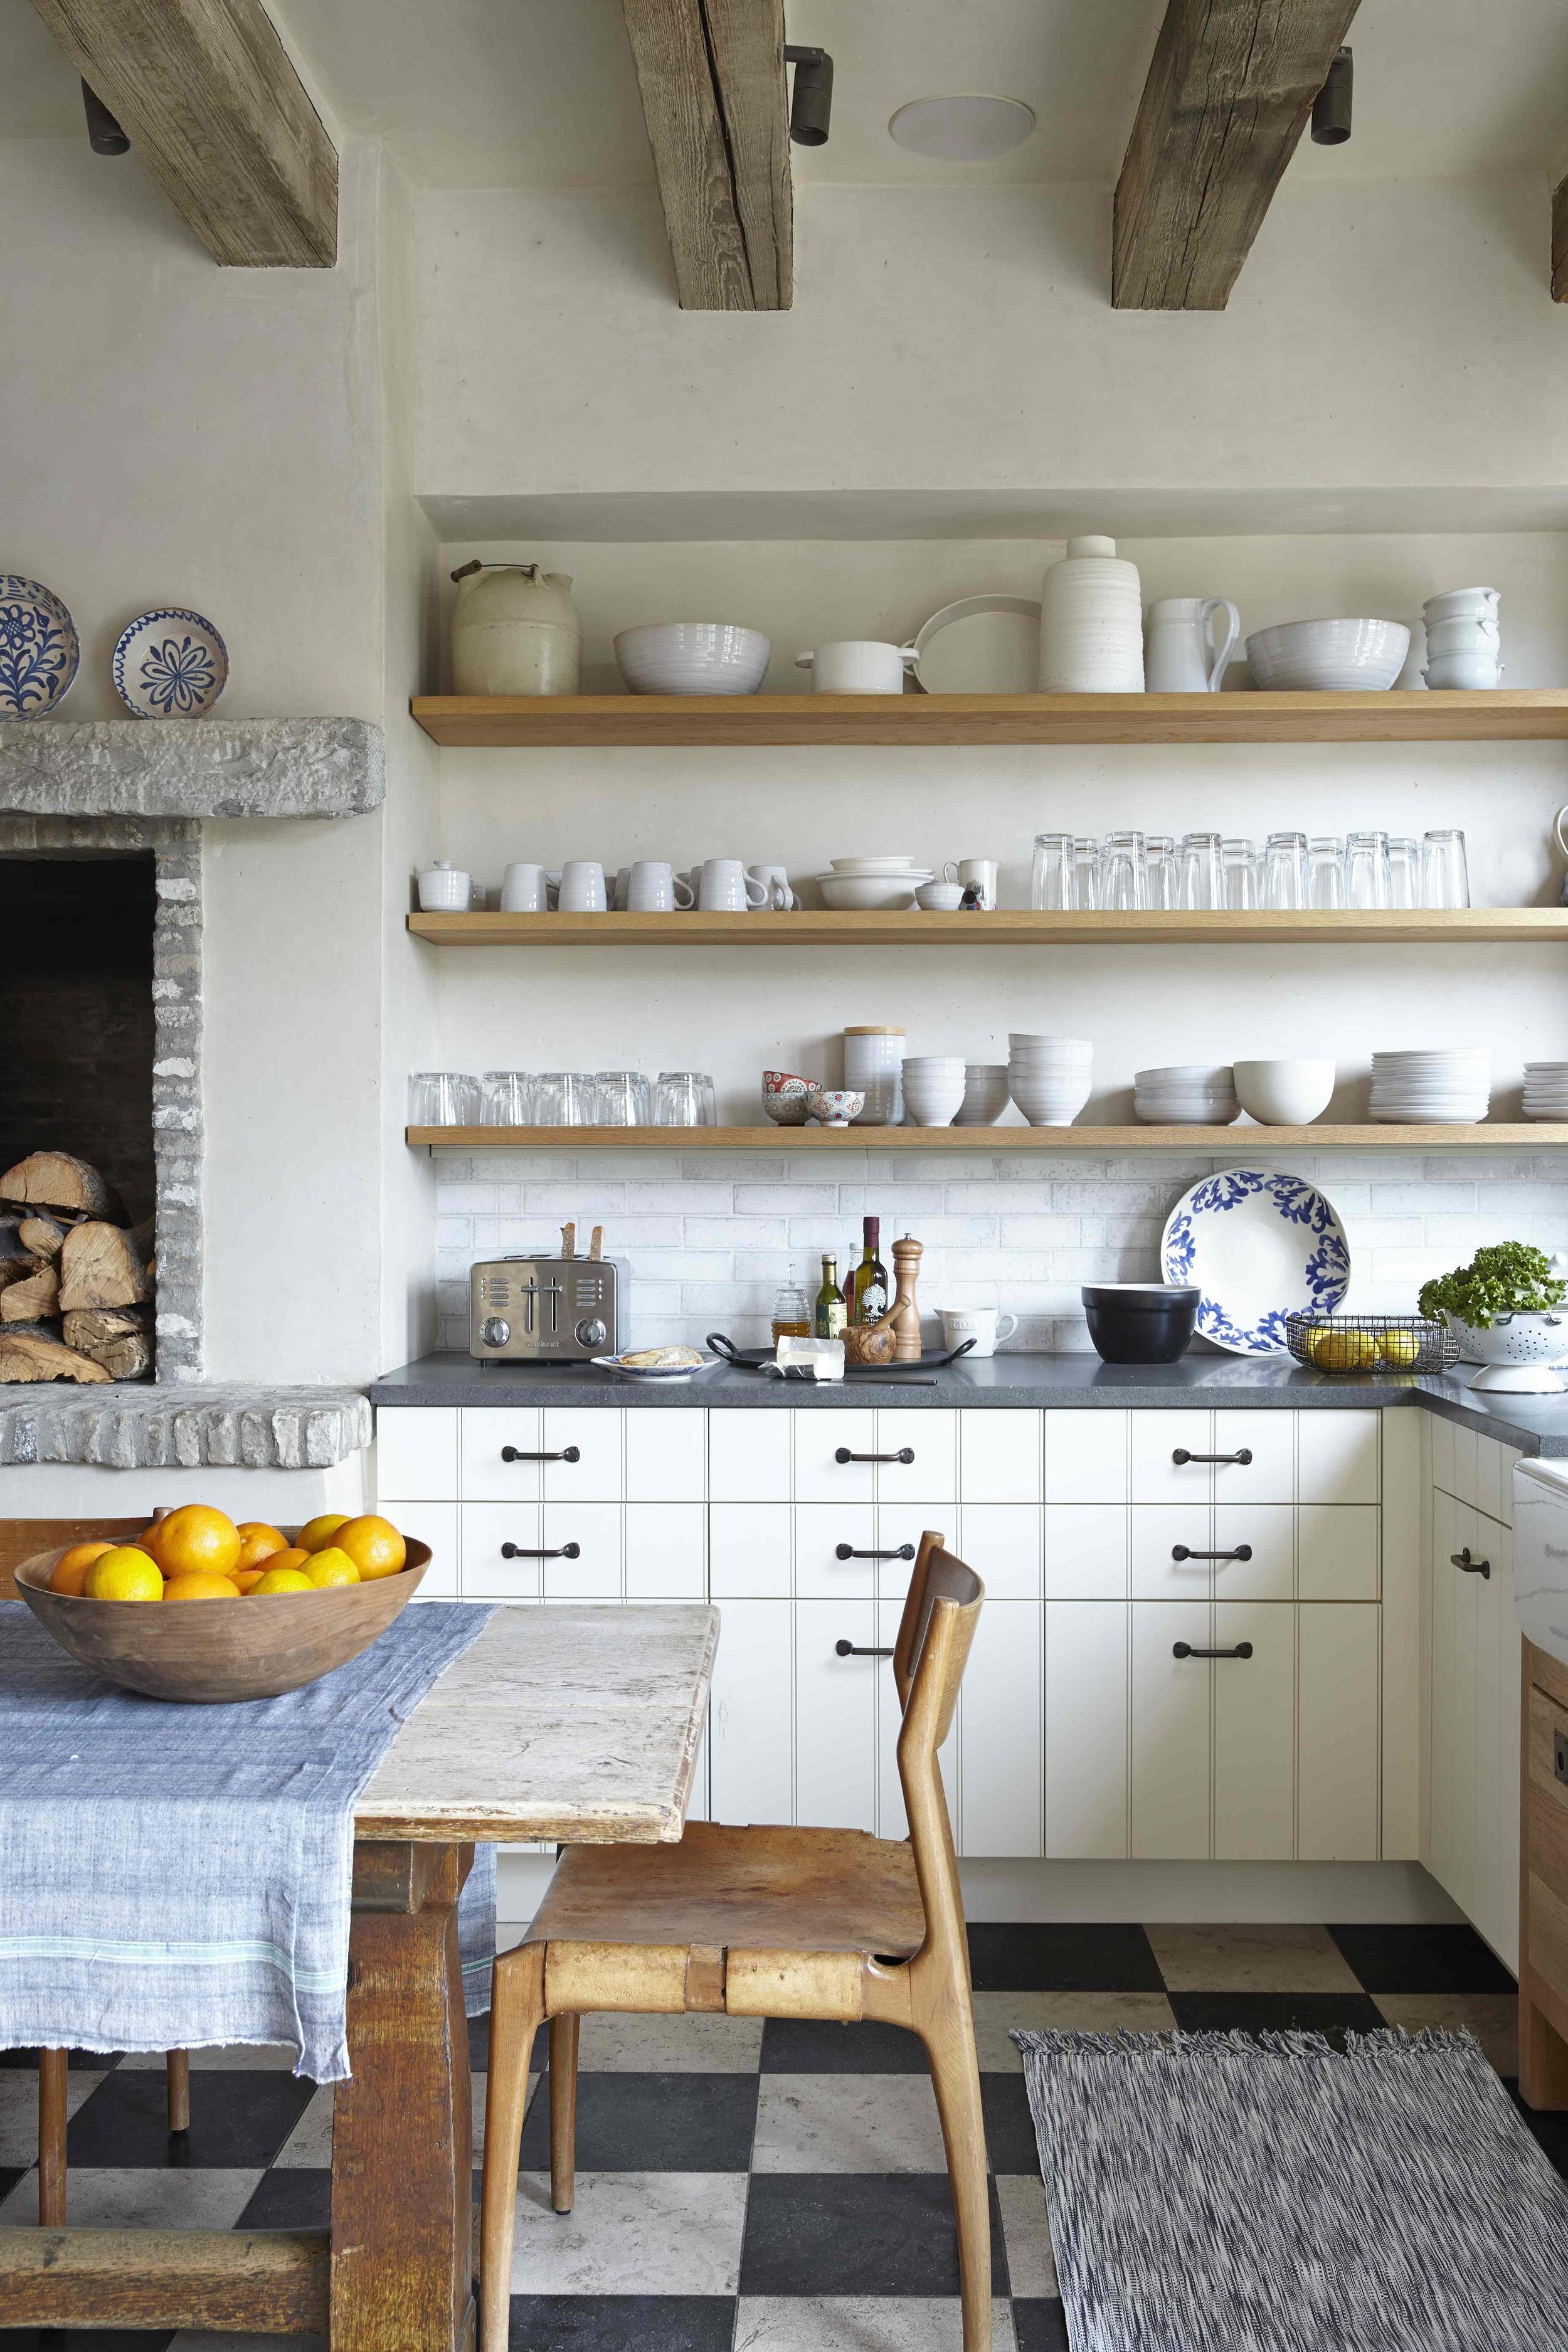 deghetto kitchen.jpg